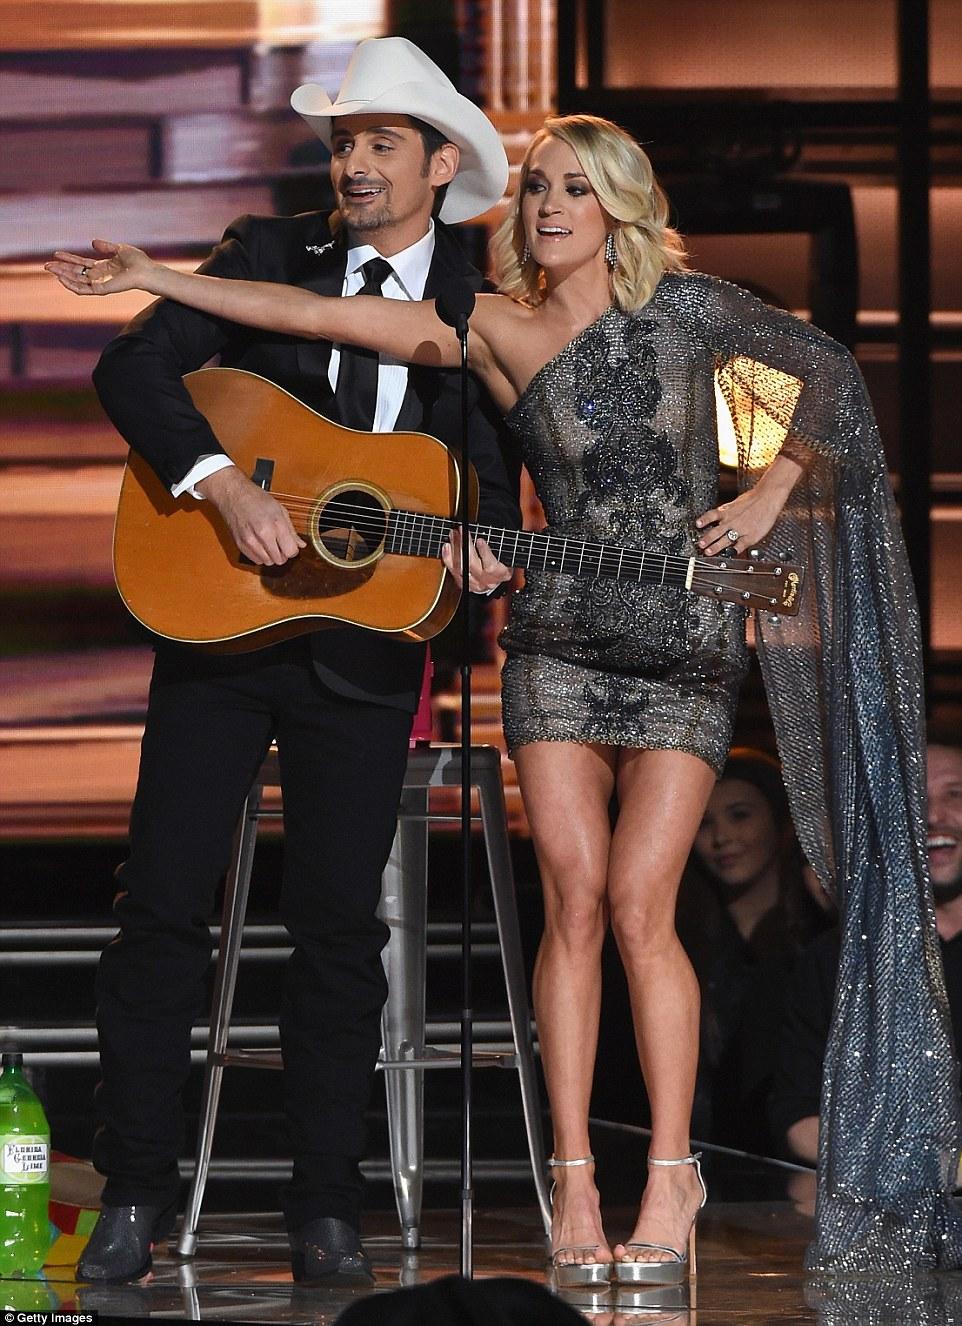 Trabalhando relacionamento: Carrie e Brad tinha um monólogo muito divertido como eles rachado muitas piadas sobre a eleição presidencial